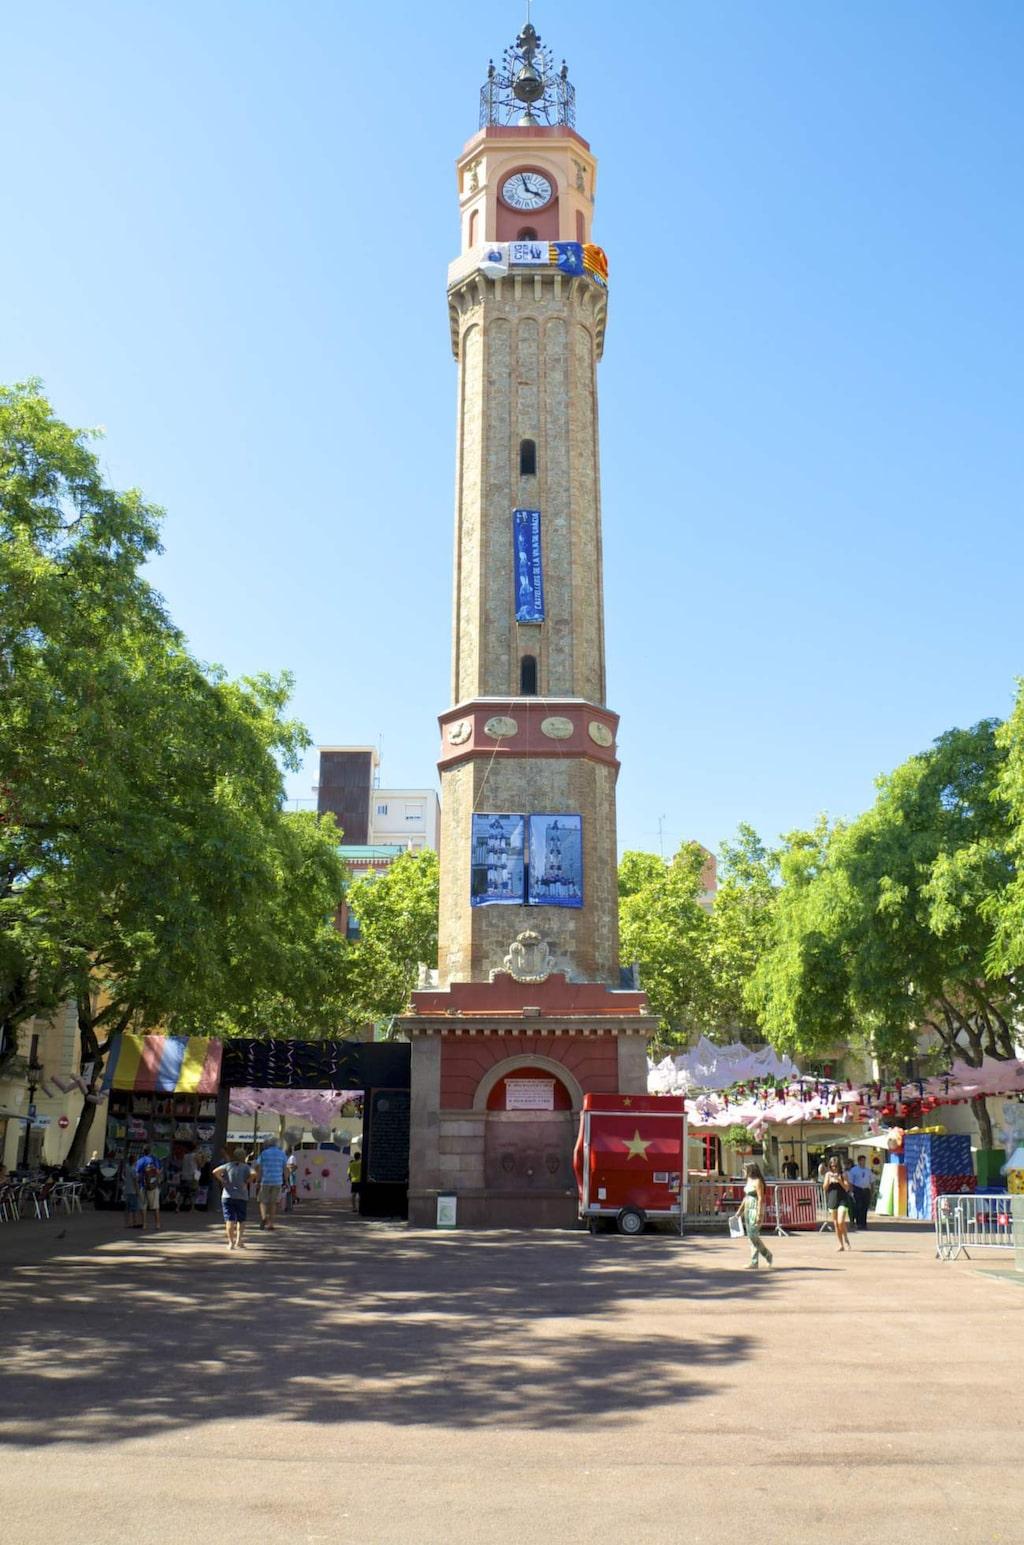 Området Garcia har många trevliga butiker och charmiga torg.